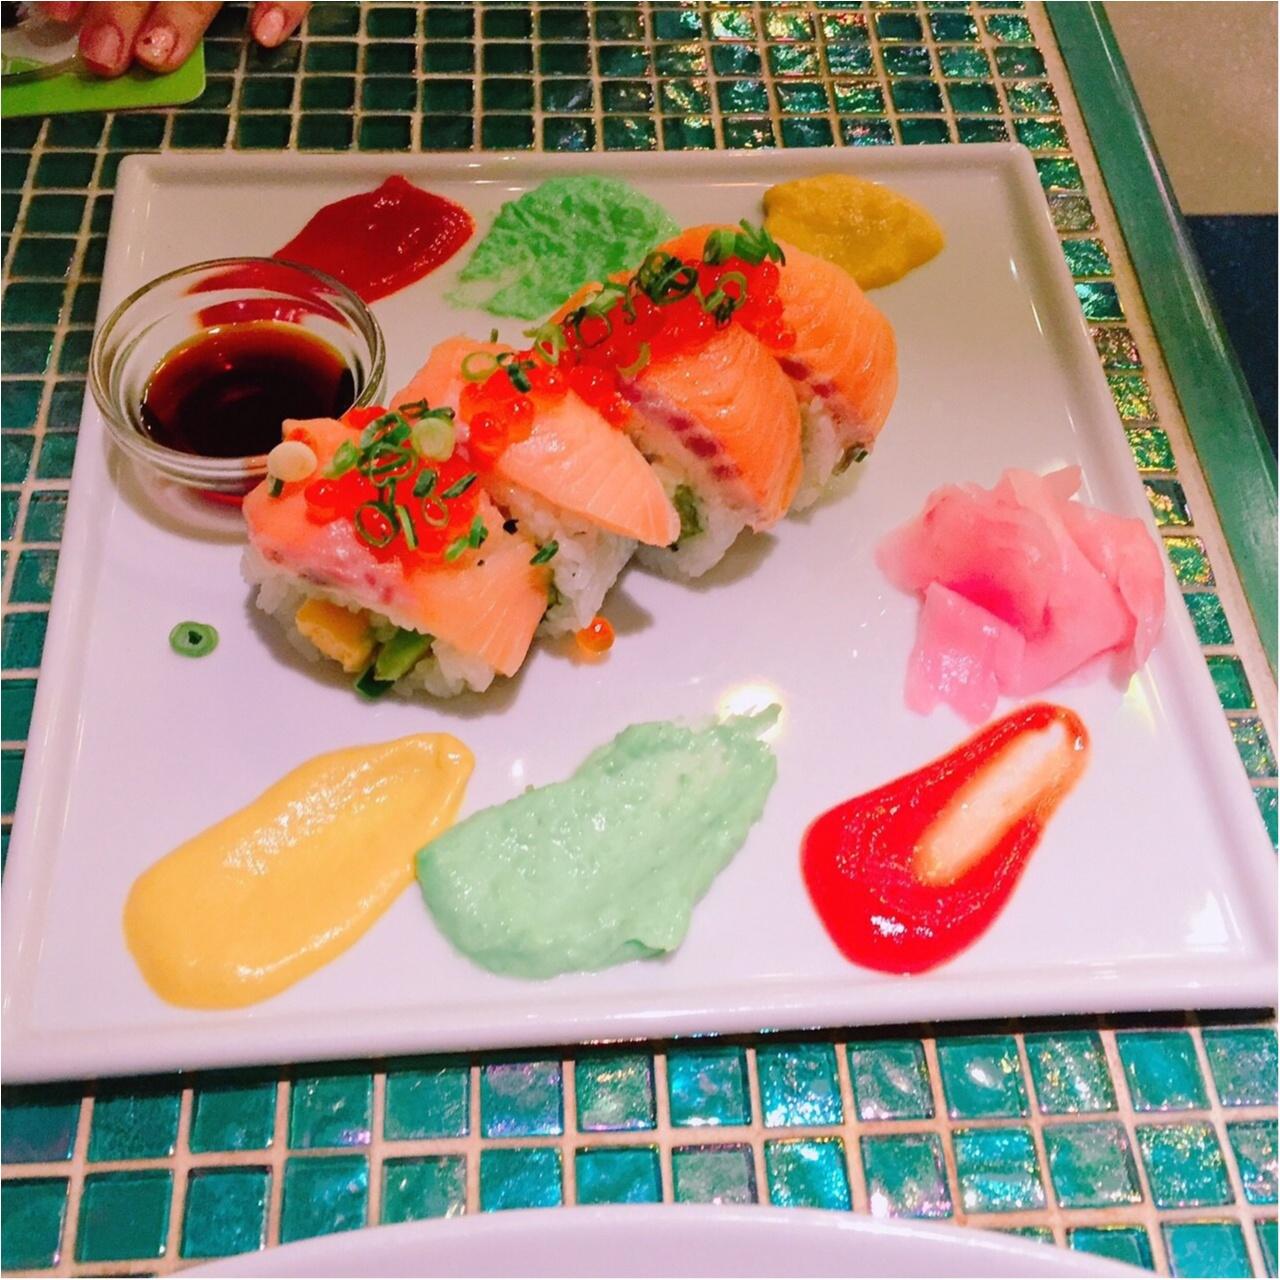 噂のカラフル可愛い原宿''kawaii monster café'' 写真ぢゃ伝えきれない夢の世界♡_3